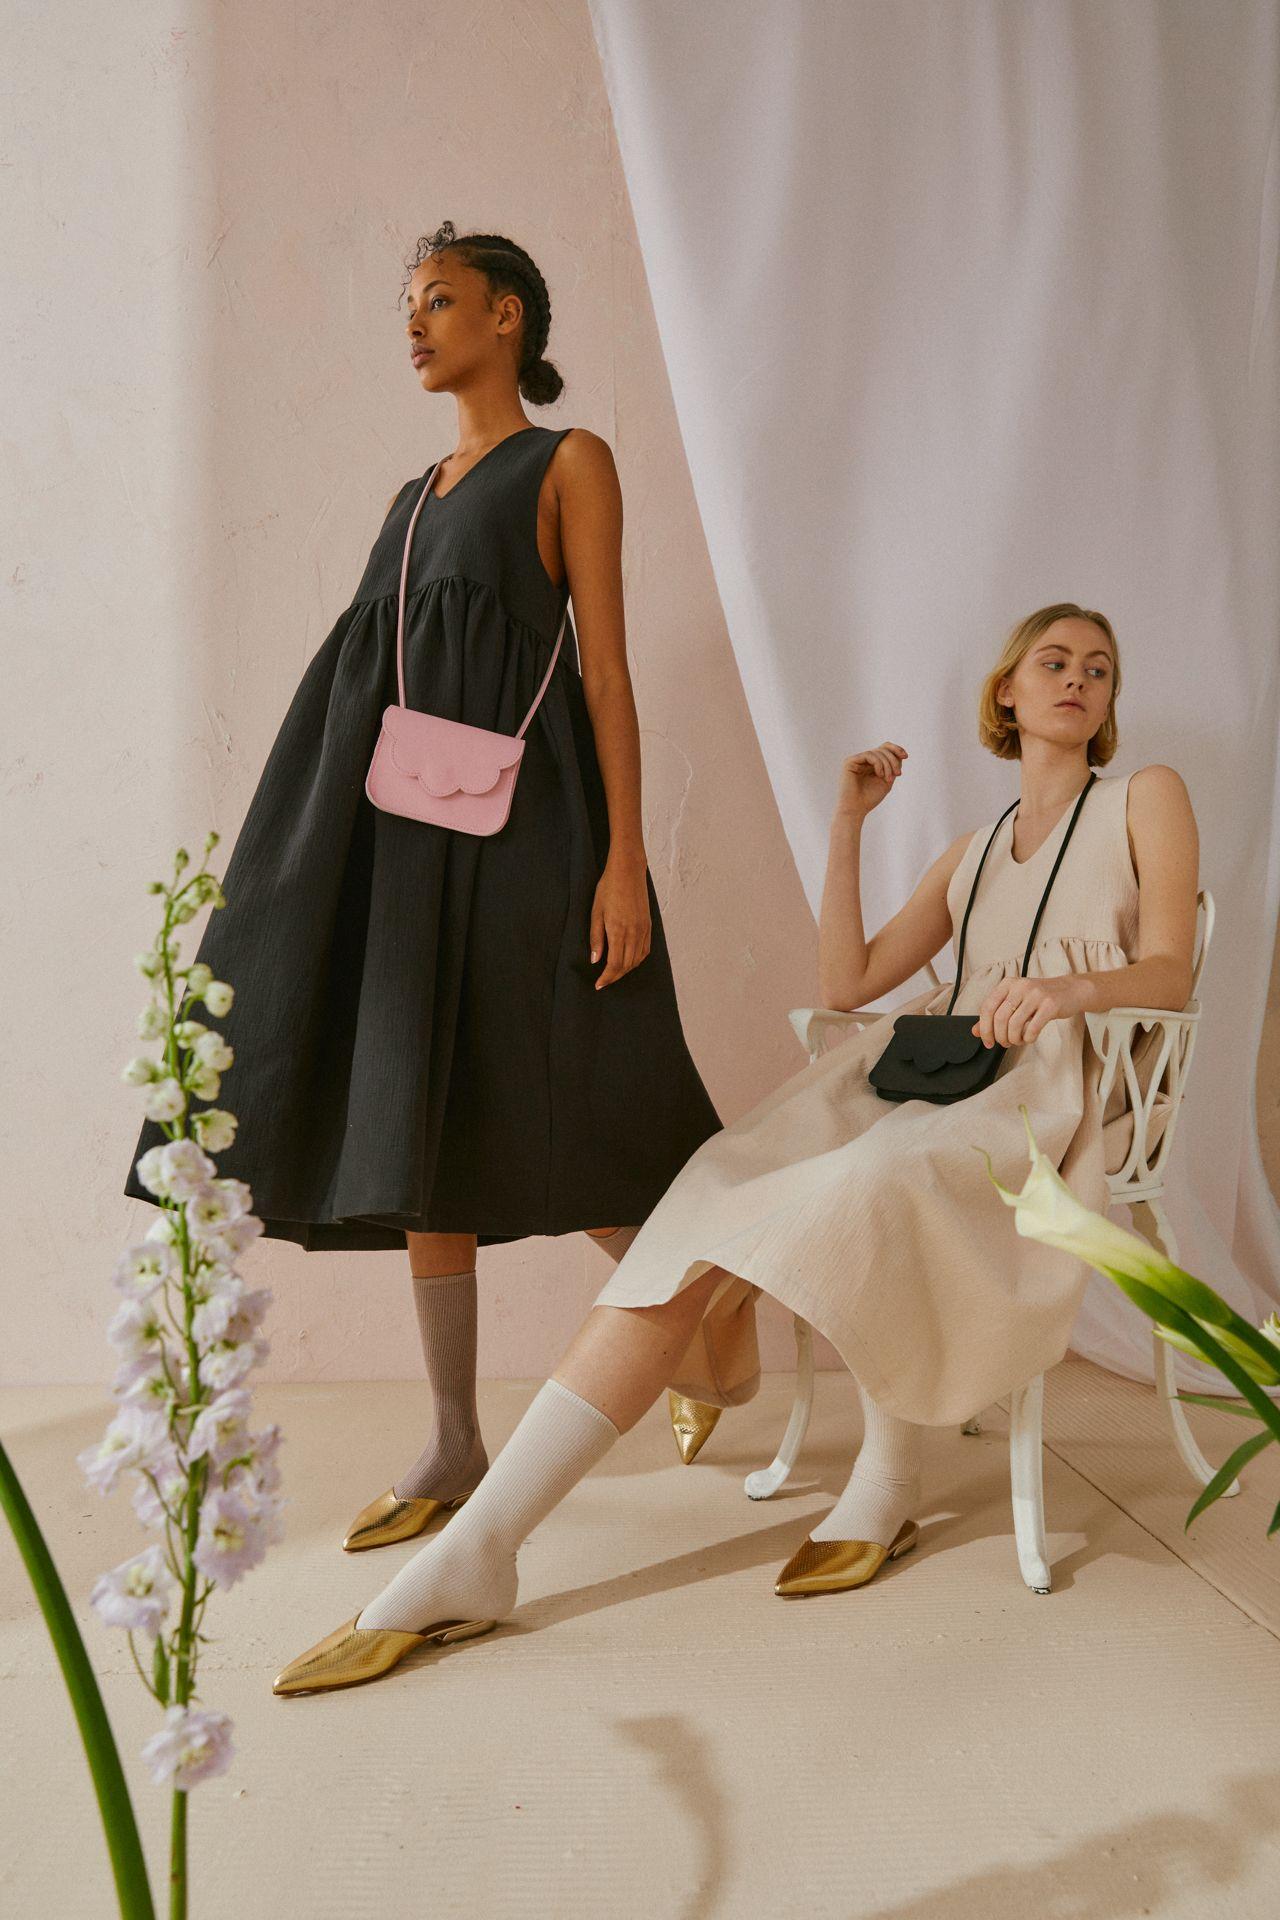 Une femme debout porte une robe noire sans manches à taille empire, des chaussures dorées et un sac à main rose. L'autre femme, assise sur une chaise, porte une robe beige sans manches à taille empire et un sac à main noir.